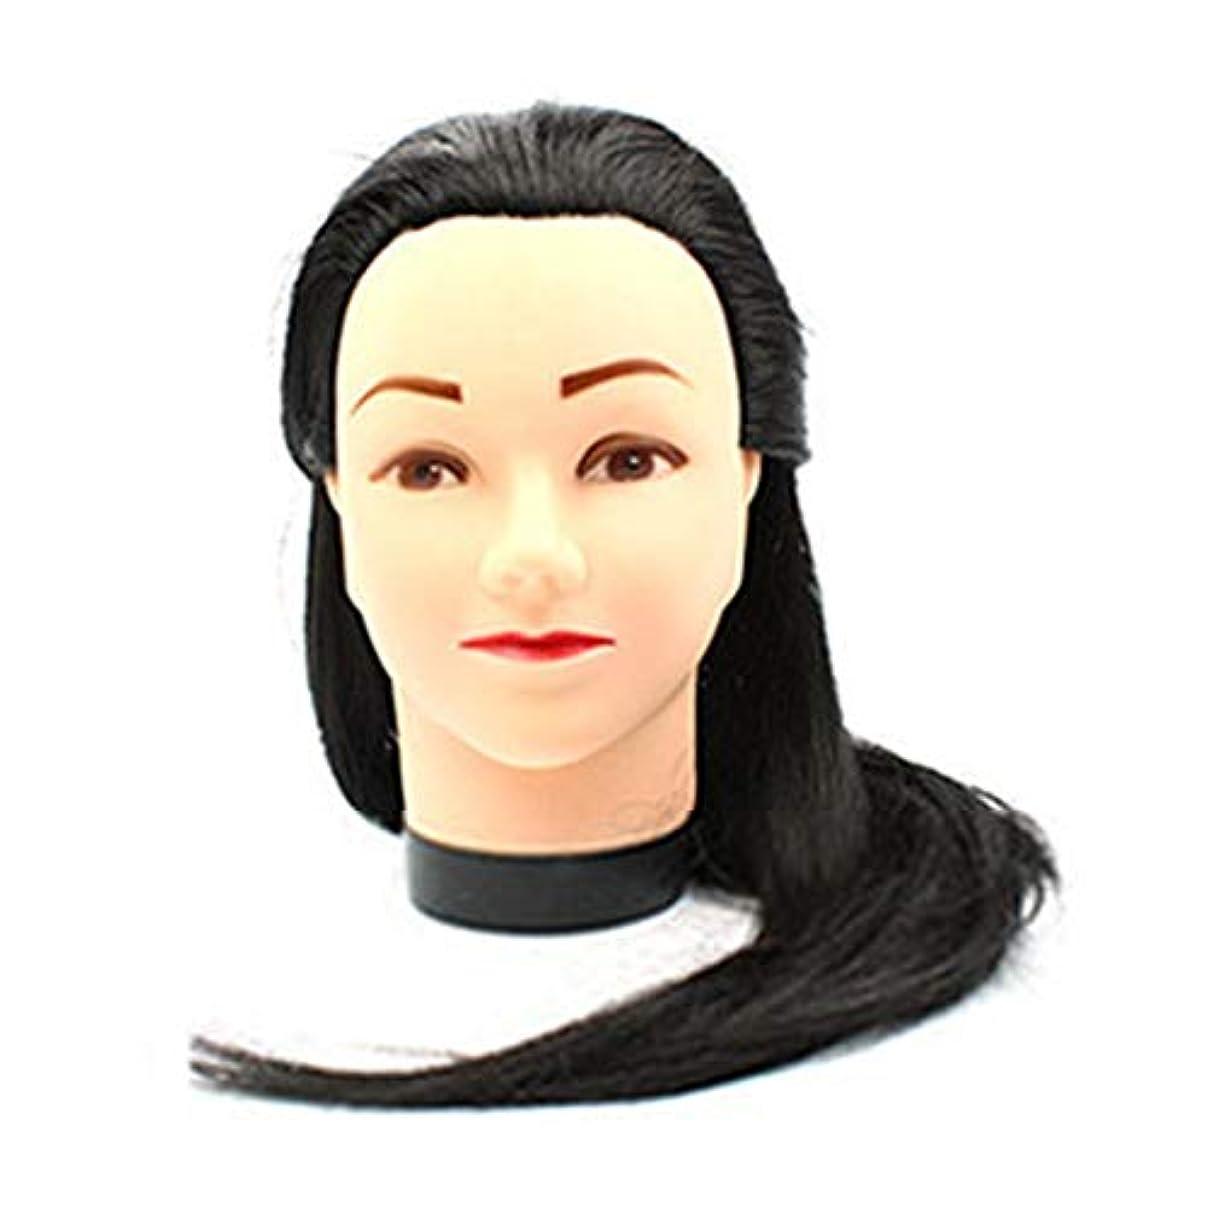 理容室ラウズ自分自身低温繊維かつらヘッドモールドメイクヘアスタイリングヘッドヘアーサロントレーニング学習ヘアカットデュアルユースダミー人間の頭